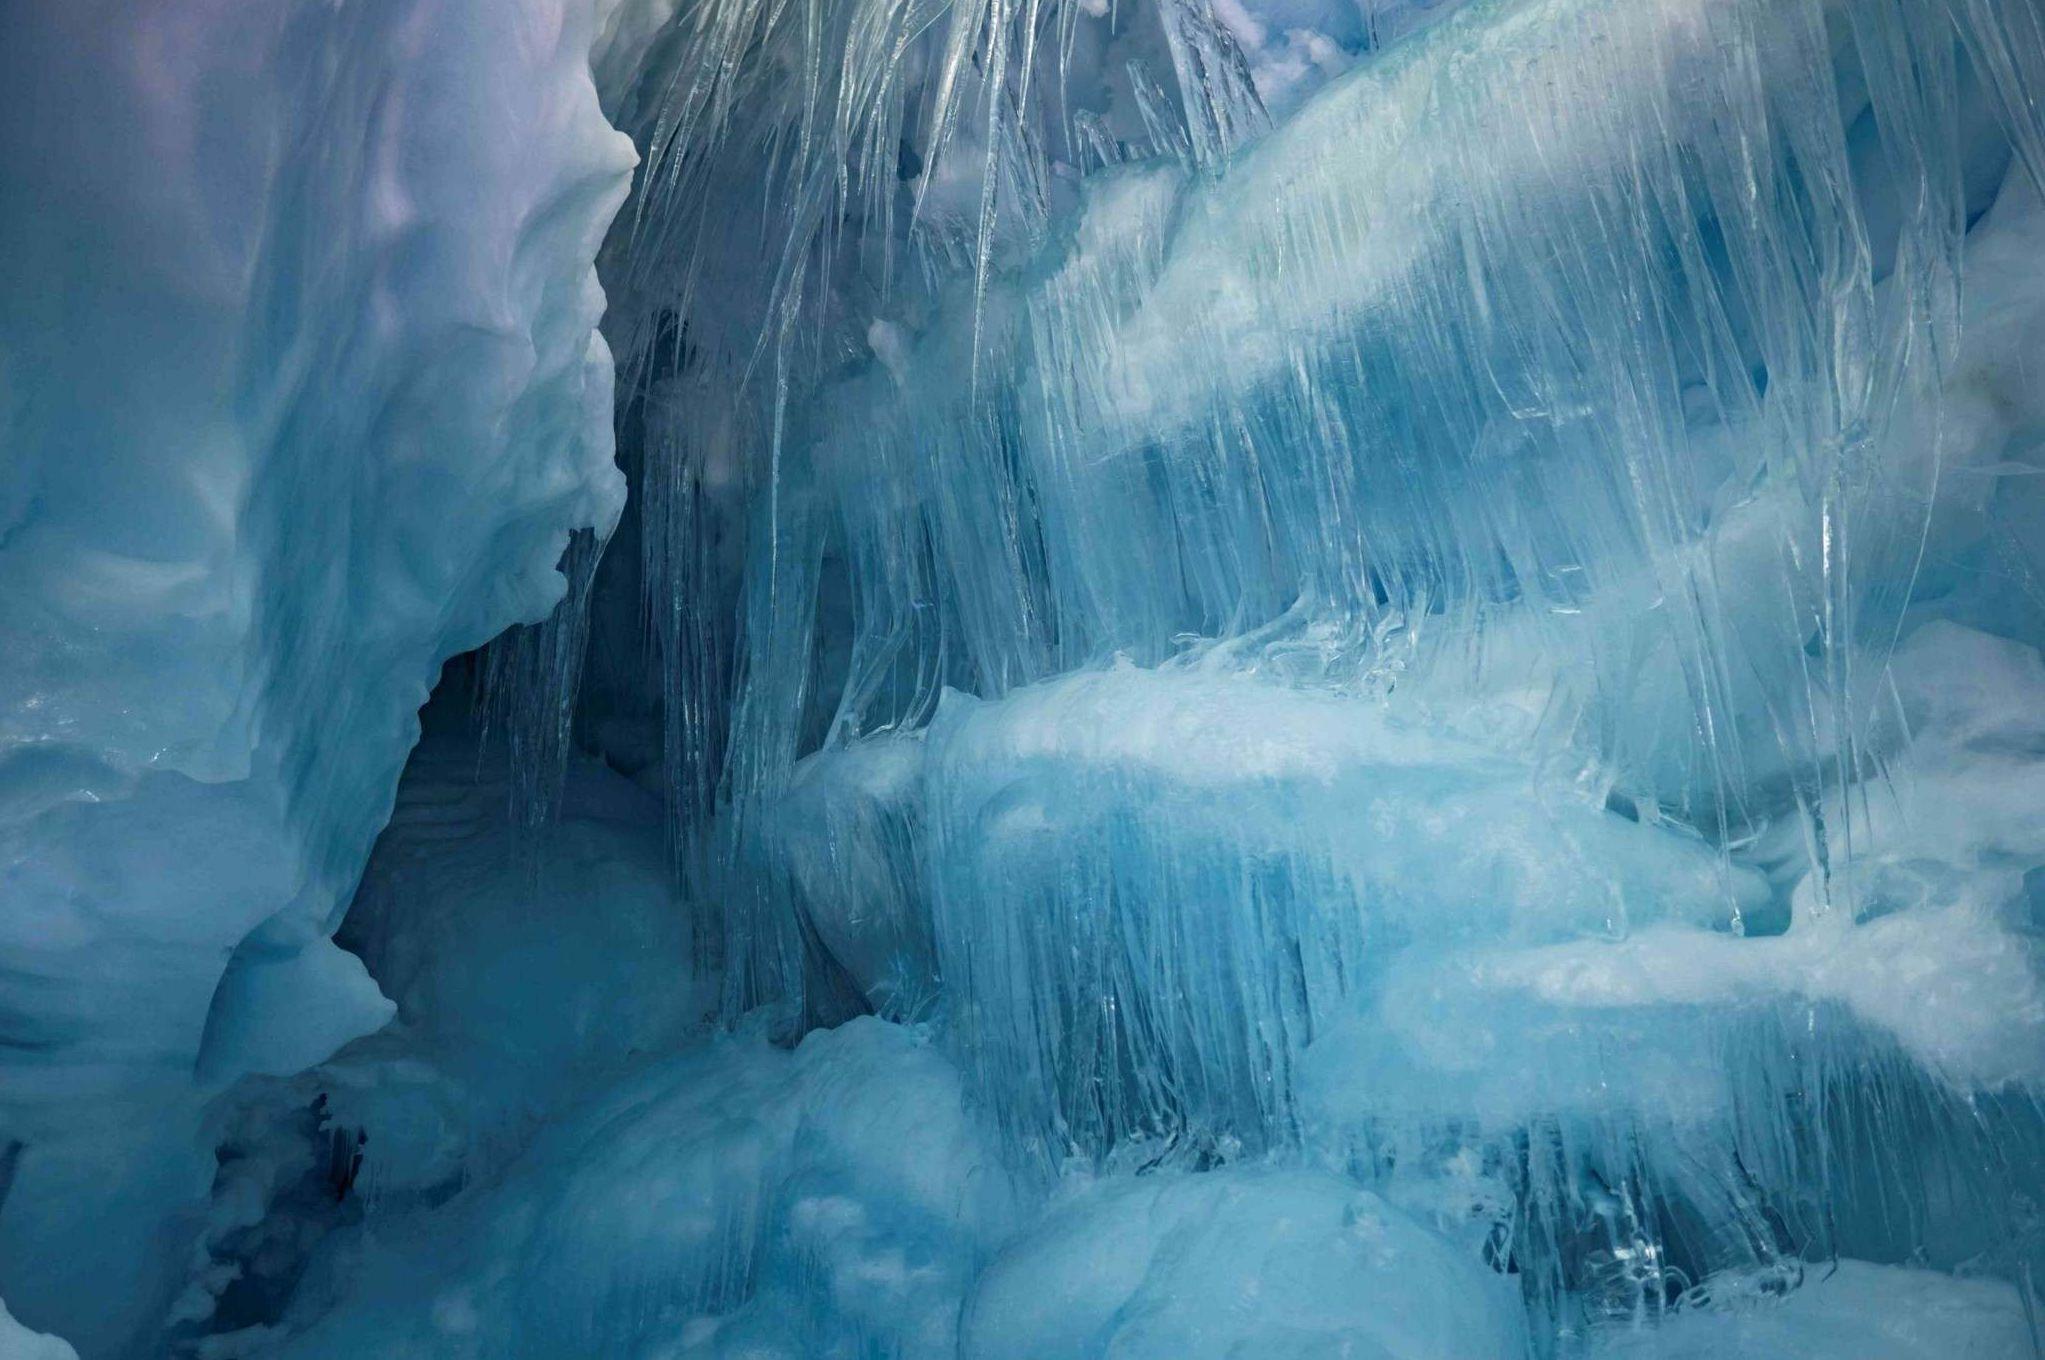 Dentro de la cueva cueva hay incluso un lago congelado